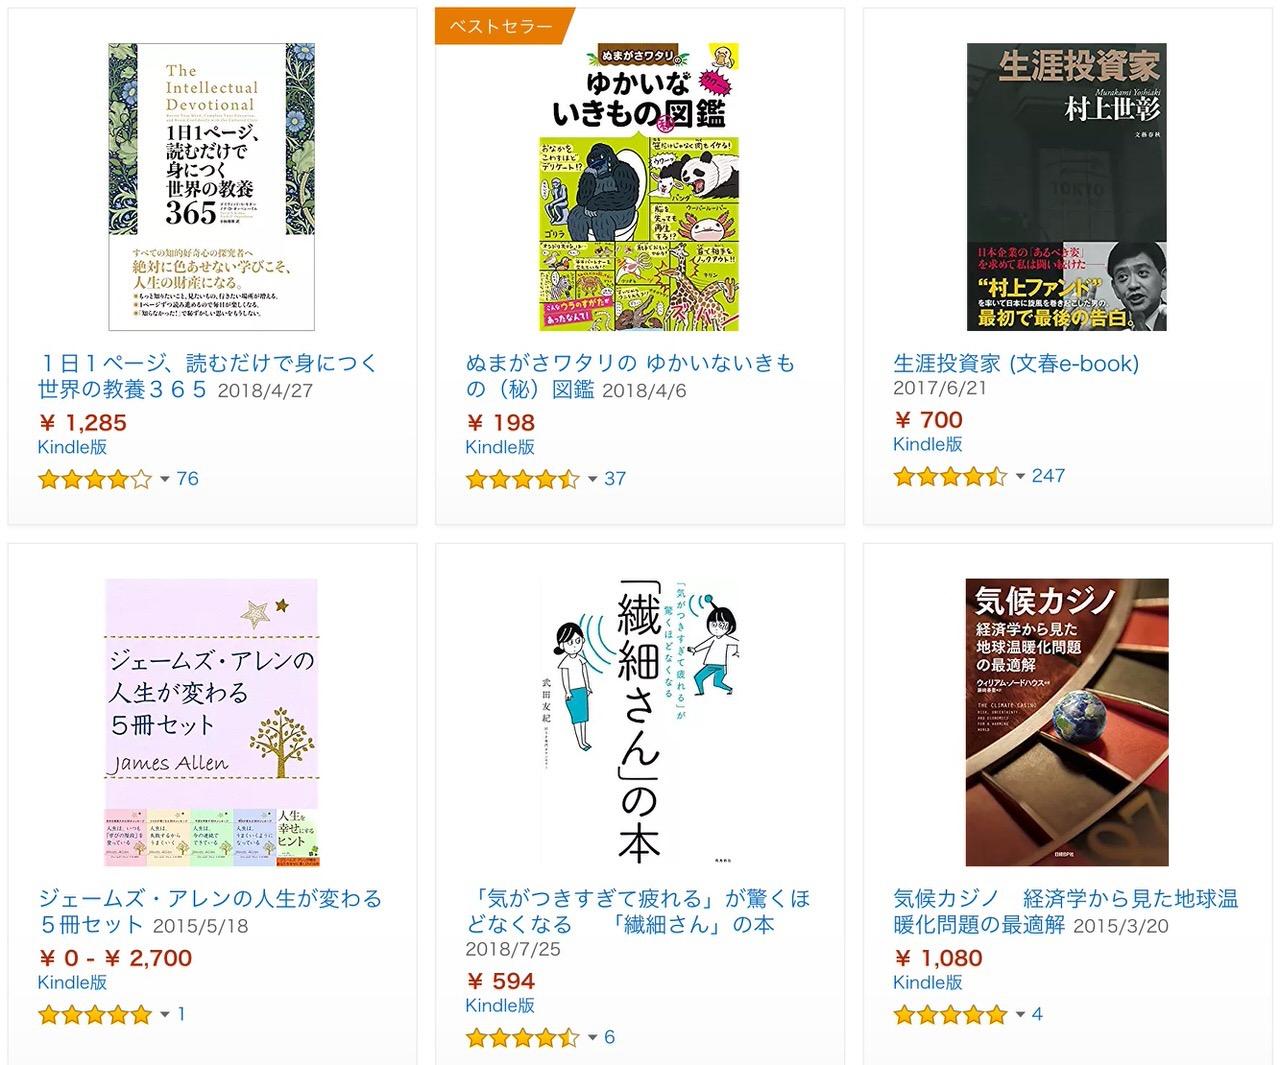 【Kindleセール】約34,000冊対象の超大型セール!50%OFF以上「Kindle6周年記念キャンペーン」(10月25日まで)